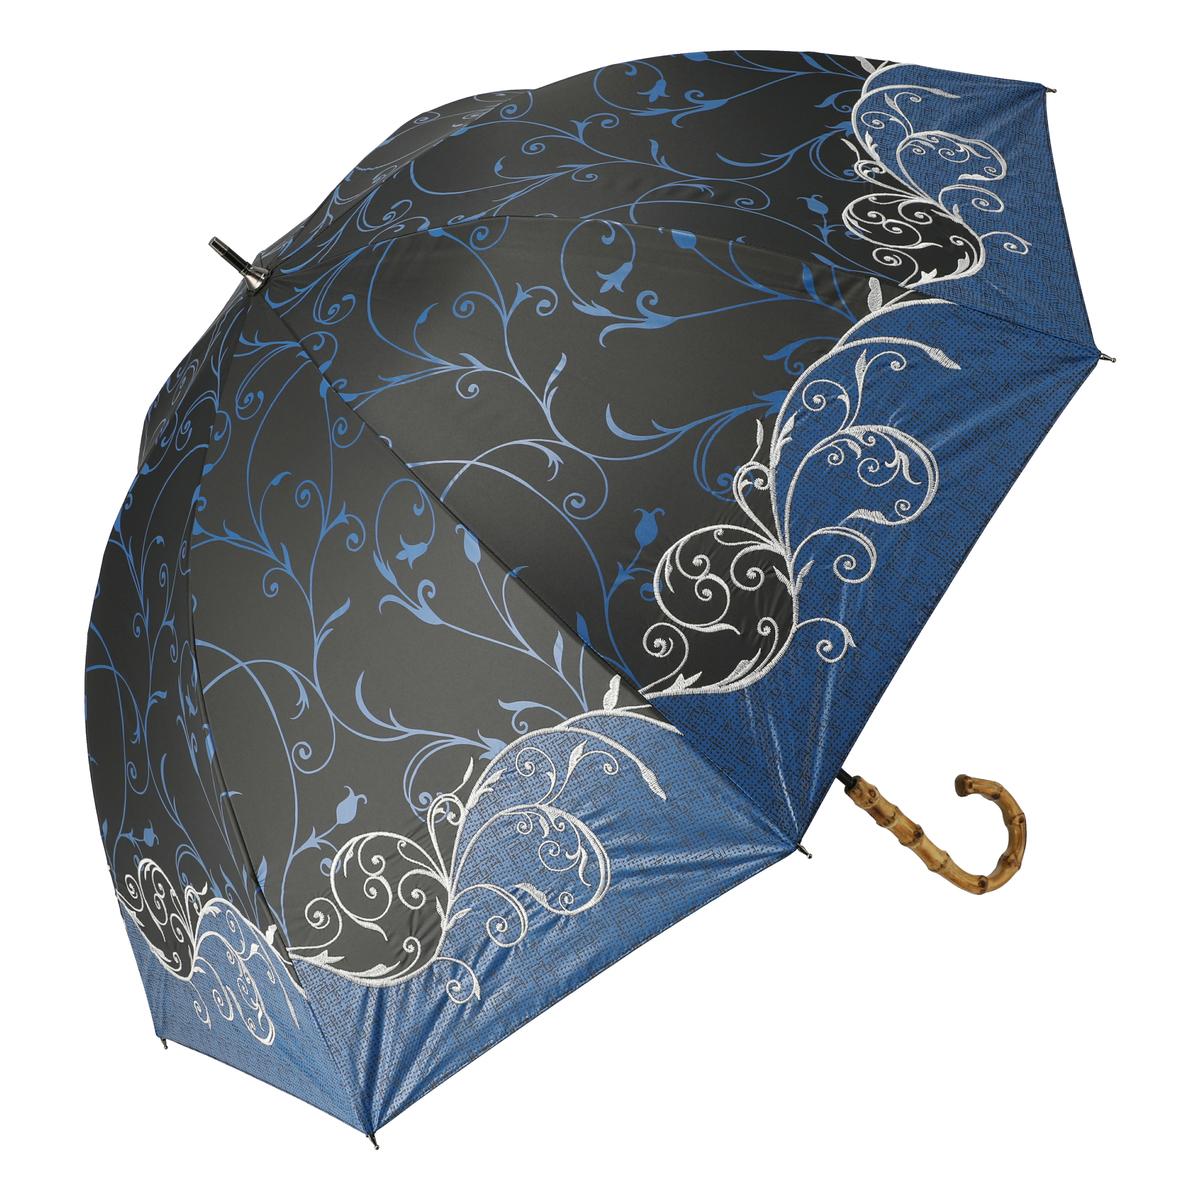 ルナジュメール UV+1級遮光オリエンタル柄刺繍晴雨パラソル